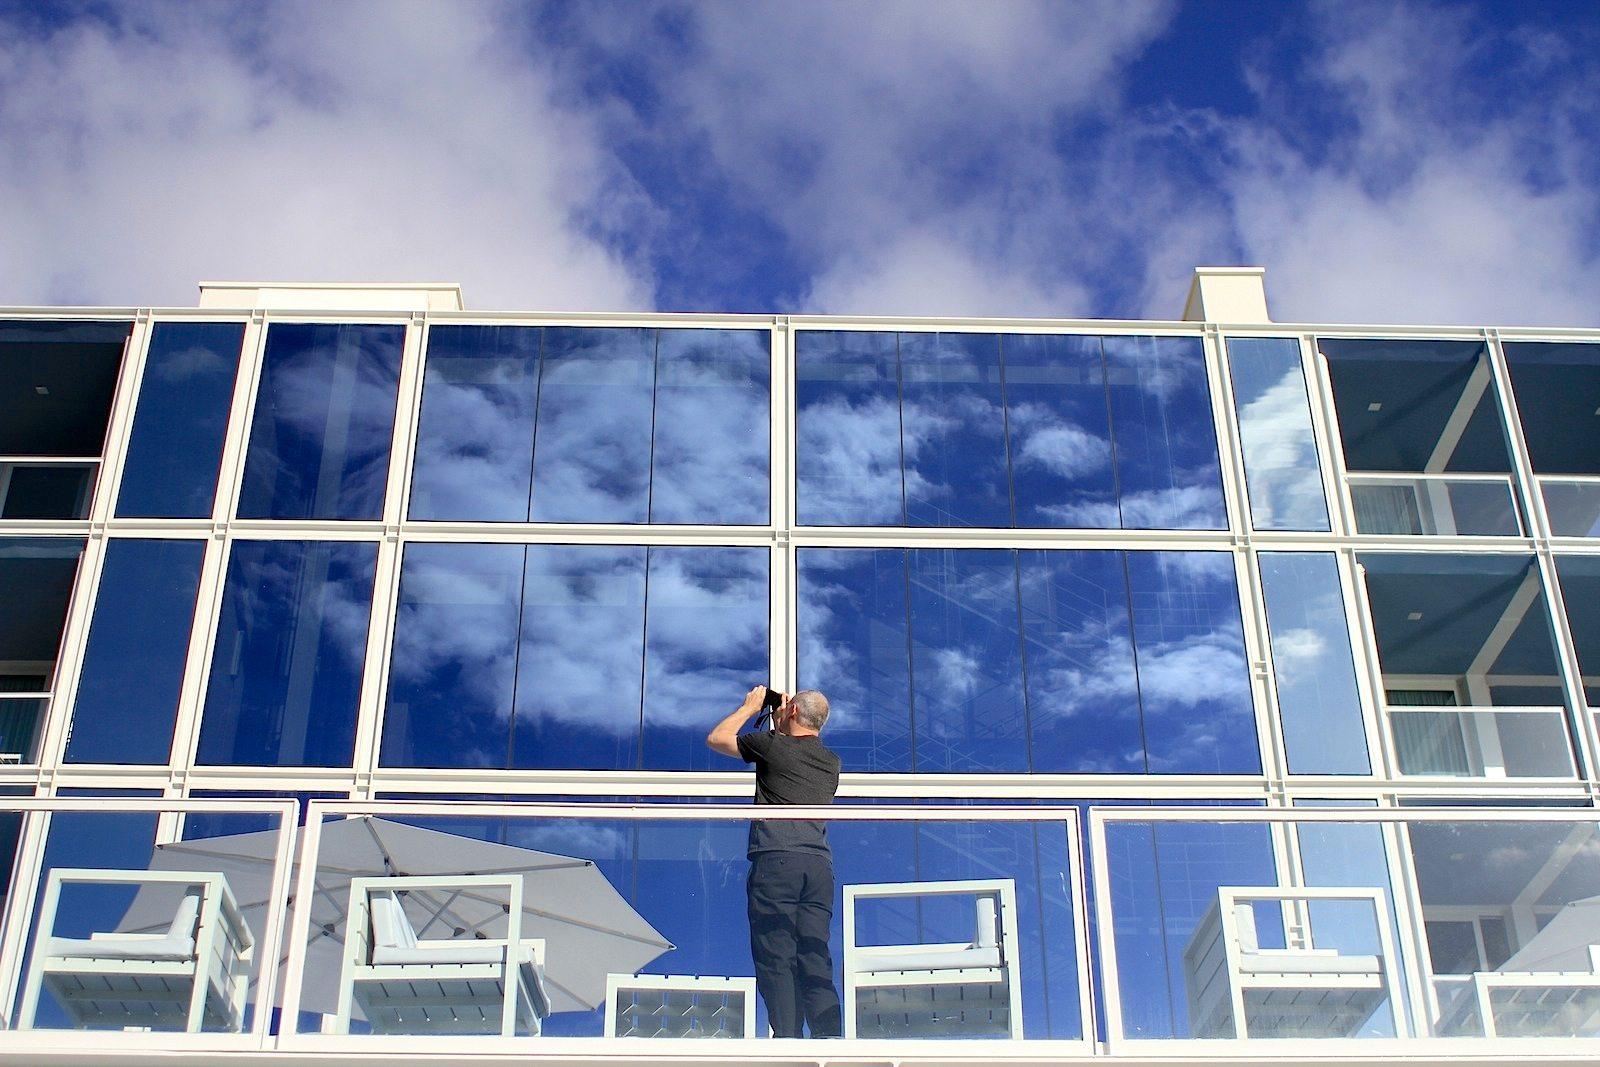 The Oitavos. Das andere: Glas, Licht und Leichtigkeit mit dem kühlen Industrielook einer Highend-Galerie.